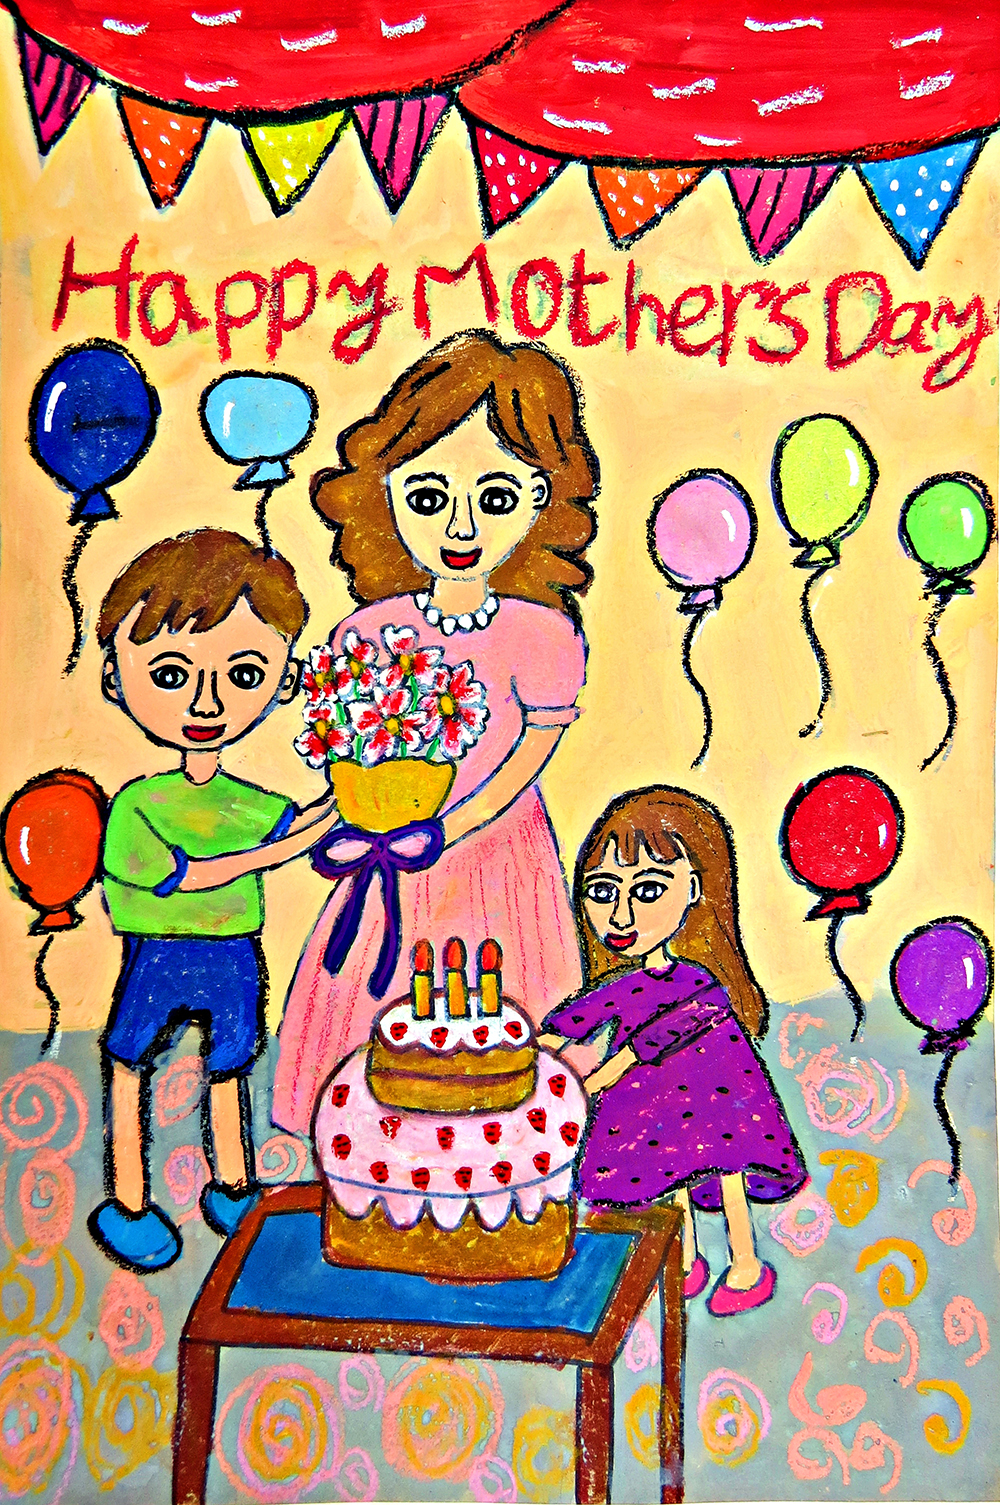 兒童組-第三名 幸福母親節